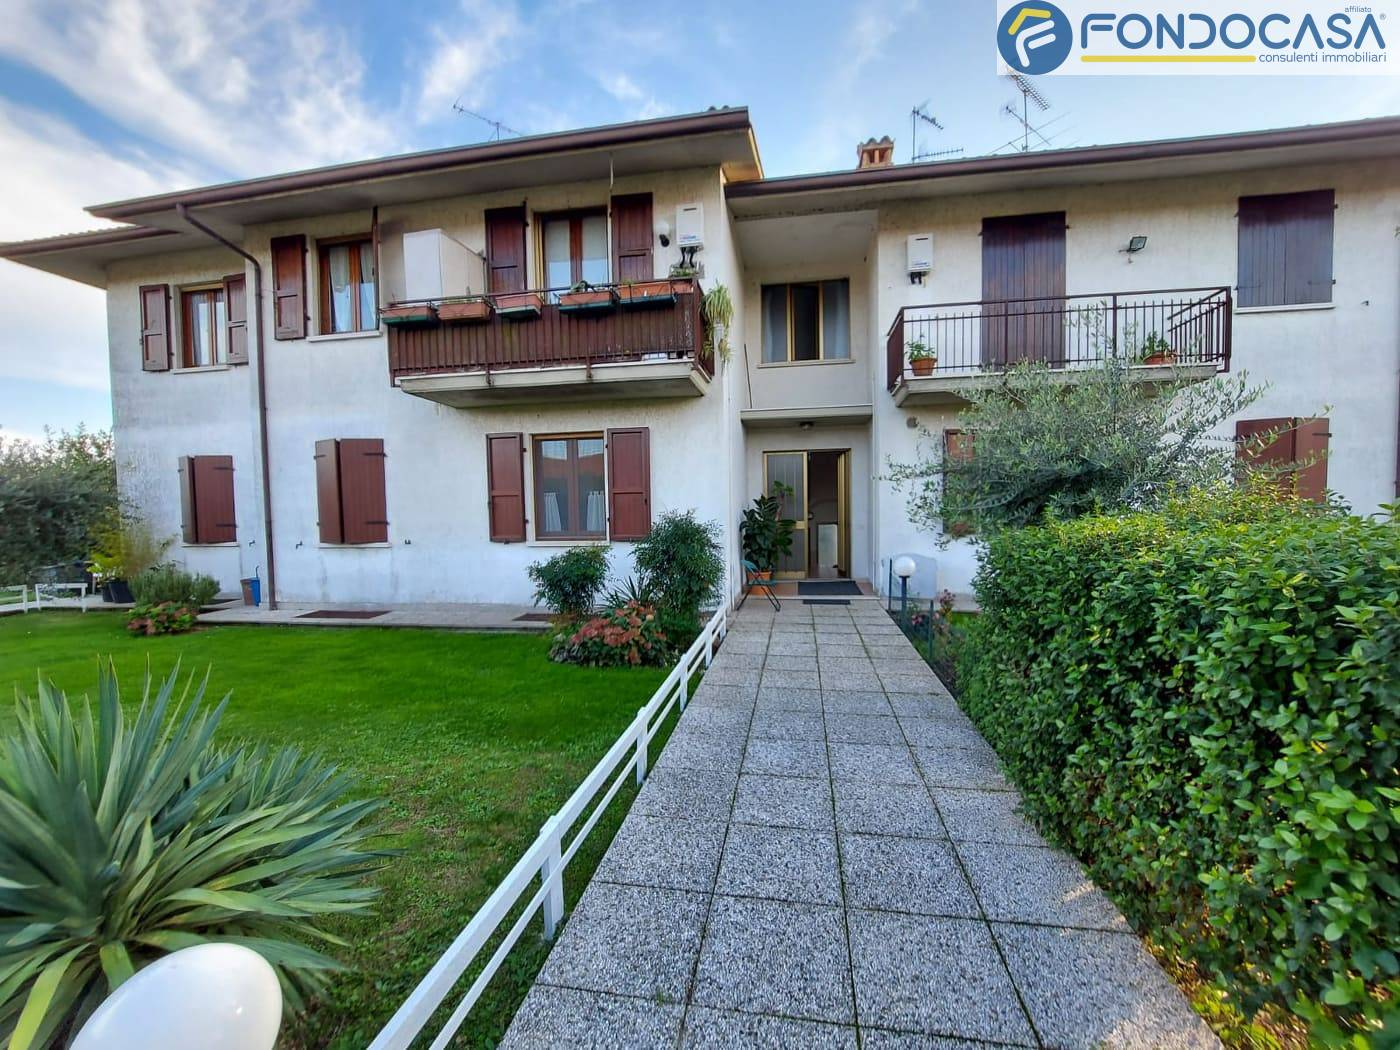 Appartamento in vendita a Calvagese della Riviera, 4 locali, zona ago, prezzo € 179.000   PortaleAgenzieImmobiliari.it